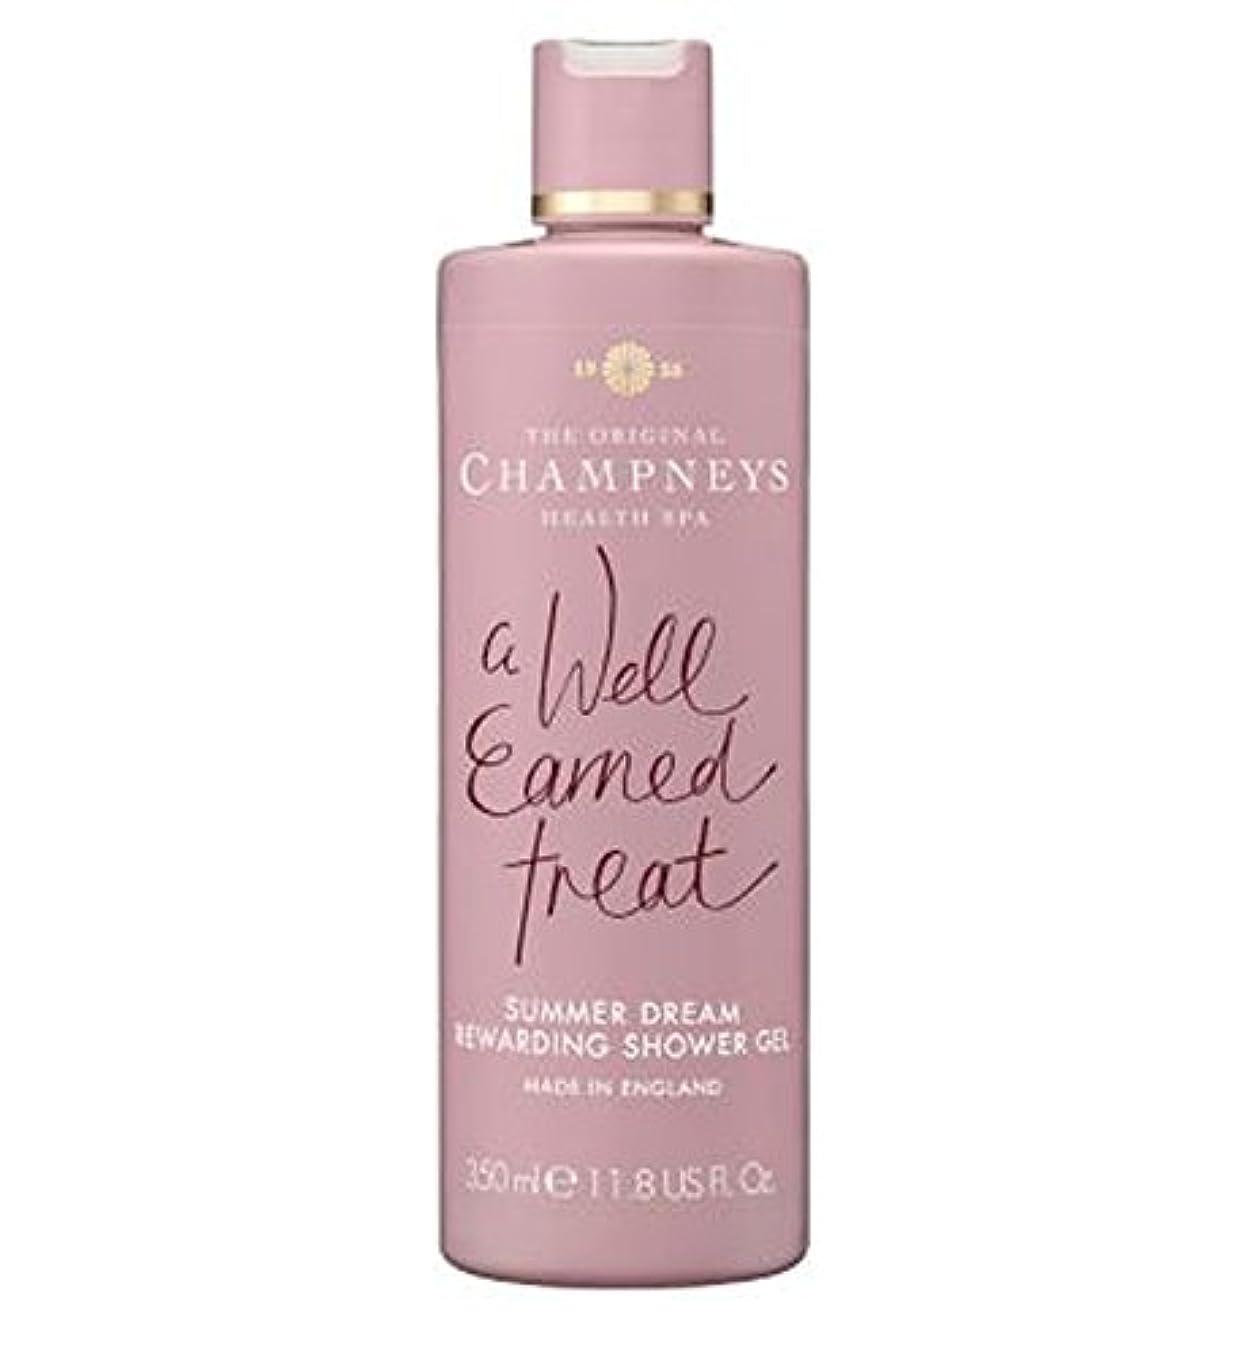 メッセージ日記ドレスChampneys Summer Dream Rewarding Shower Gel 350ml - チャンプニーズの夏の夢やりがいのシャワージェル350ミリリットル (Champneys) [並行輸入品]